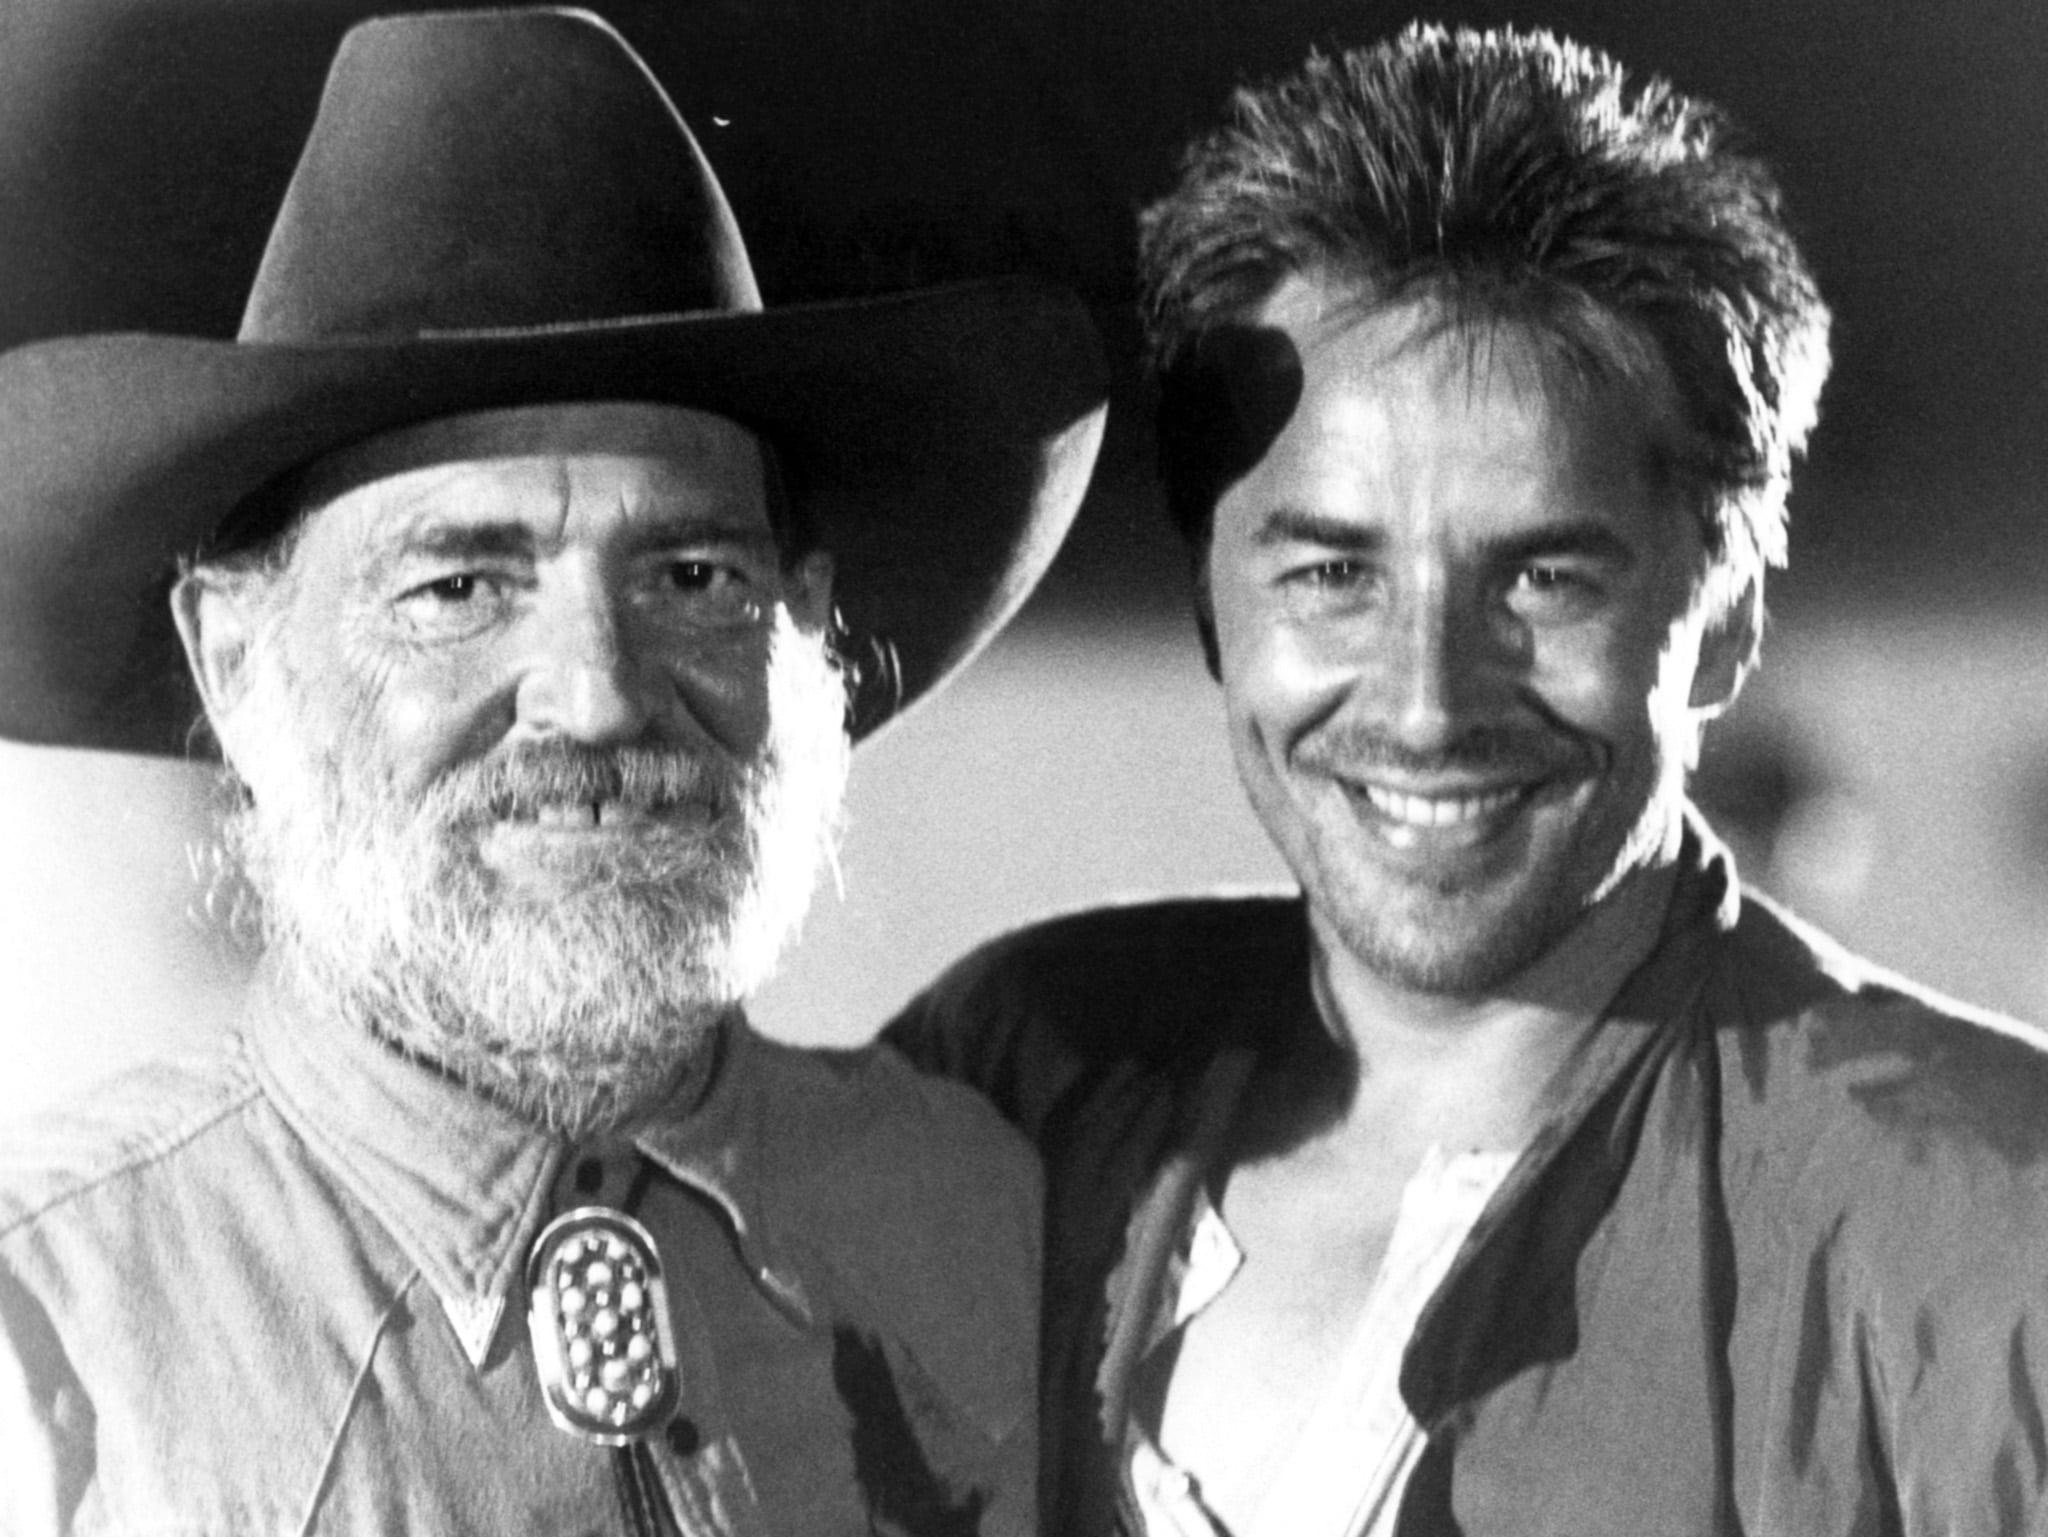 MIAMI VICE, Willie Nelson, Don Johnson, 'El Viejo',